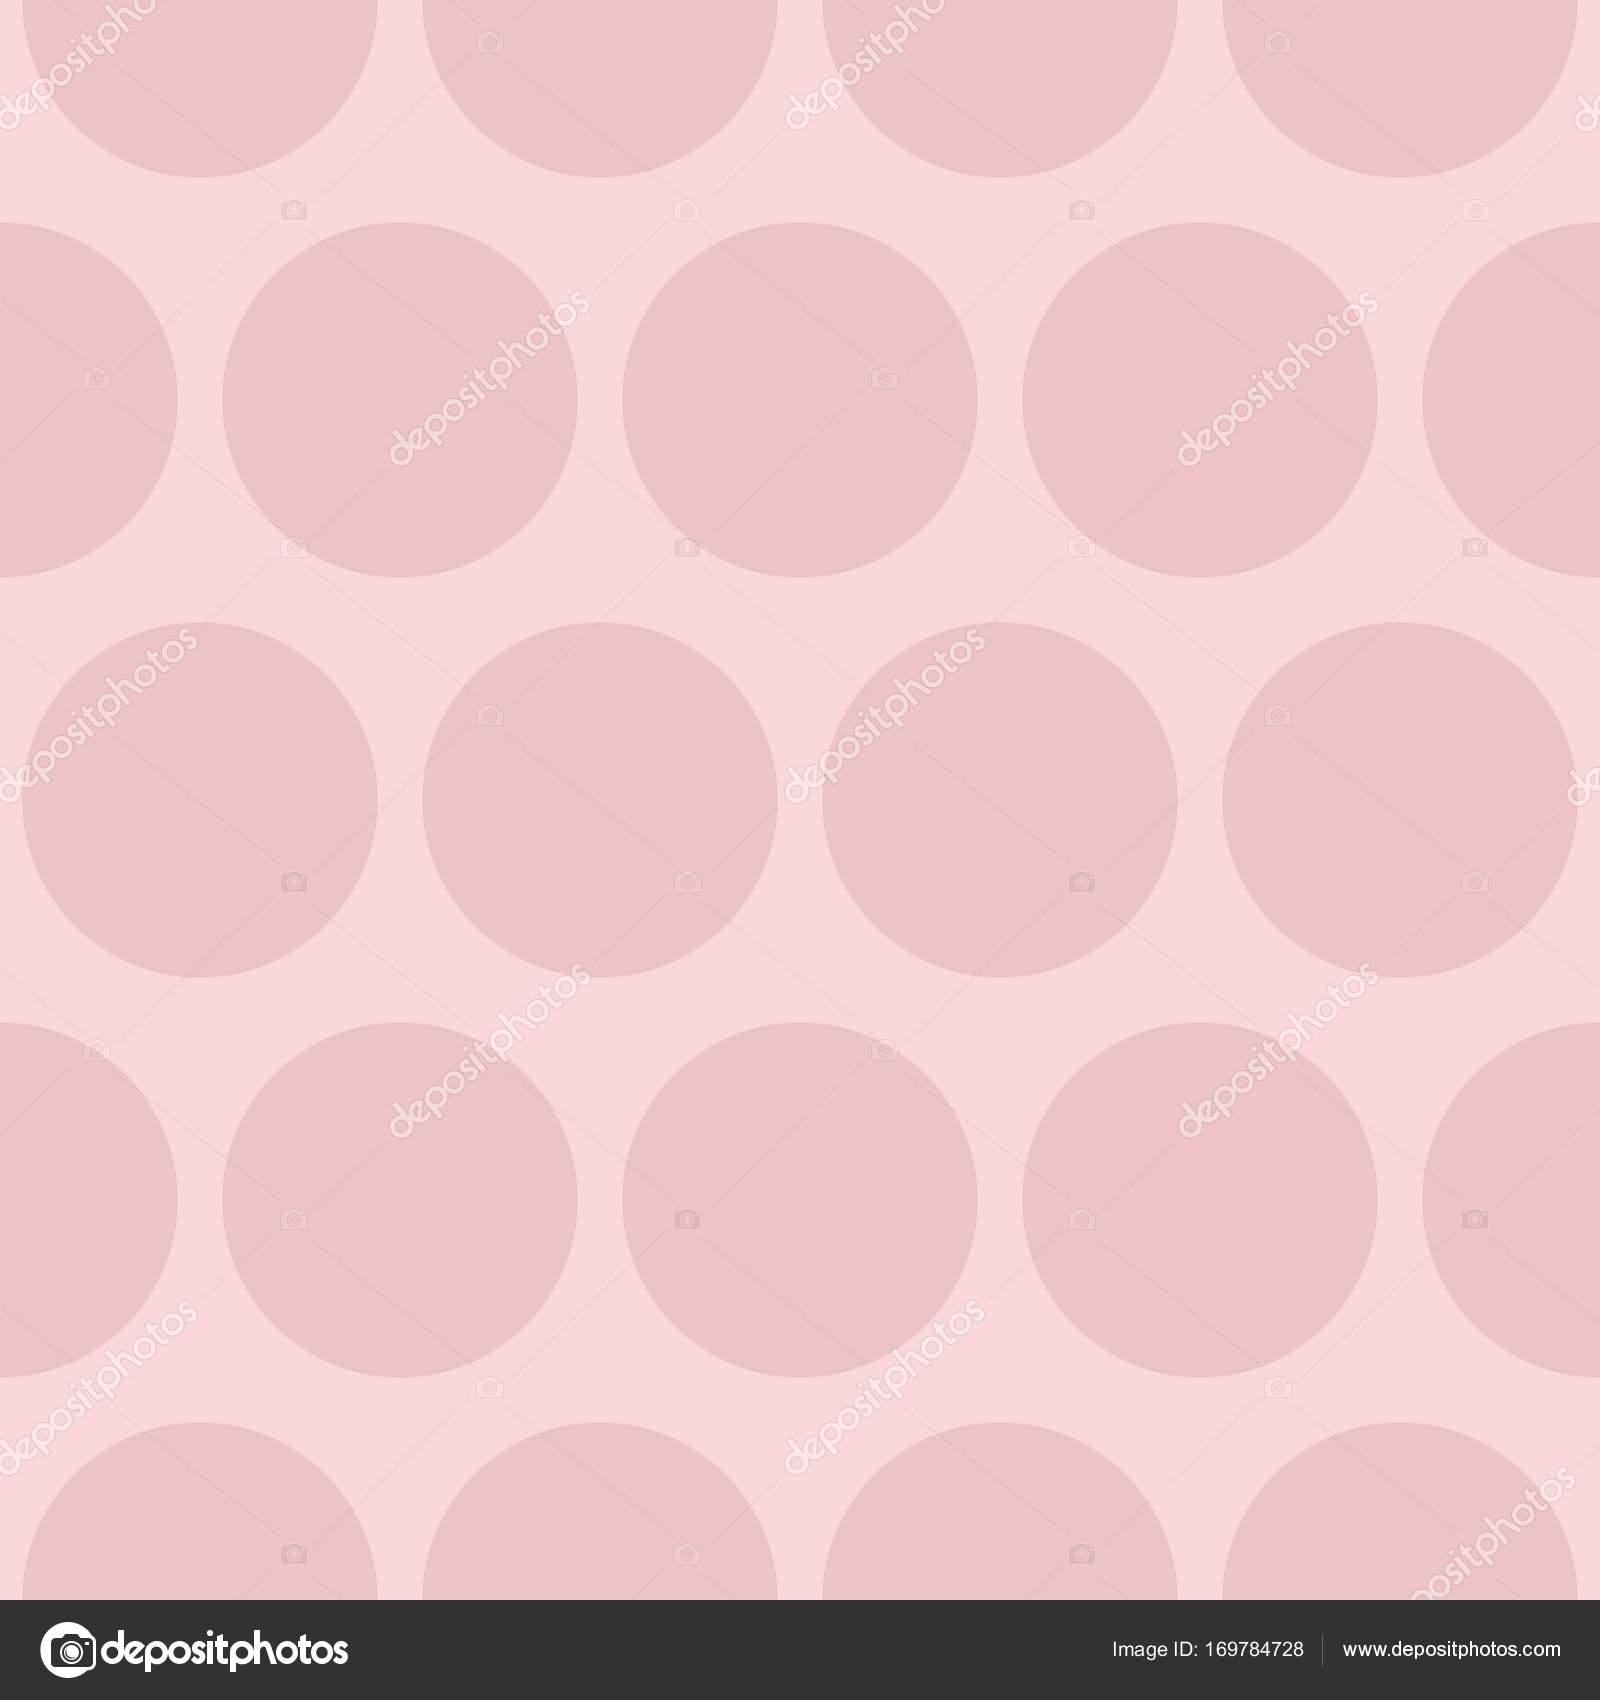 Azulejos Patron Vector Con Lunares Rosas Sobre Fondo Pastel Vector - Azulejos-rosas